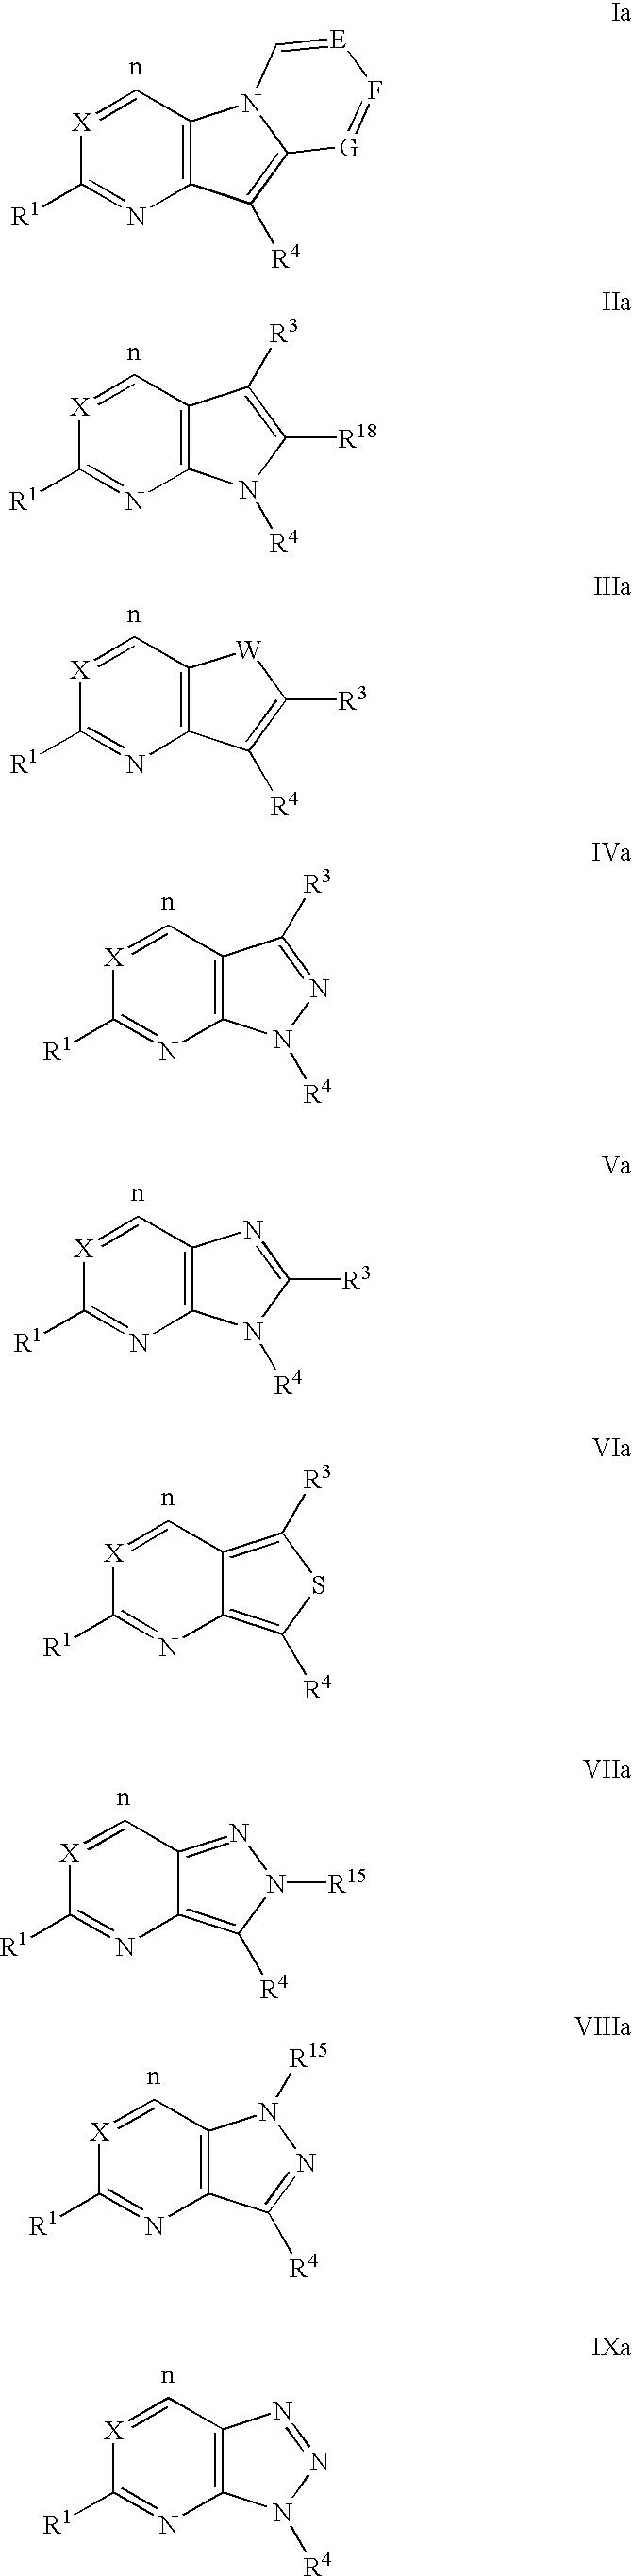 Figure US06506762-20030114-C00008